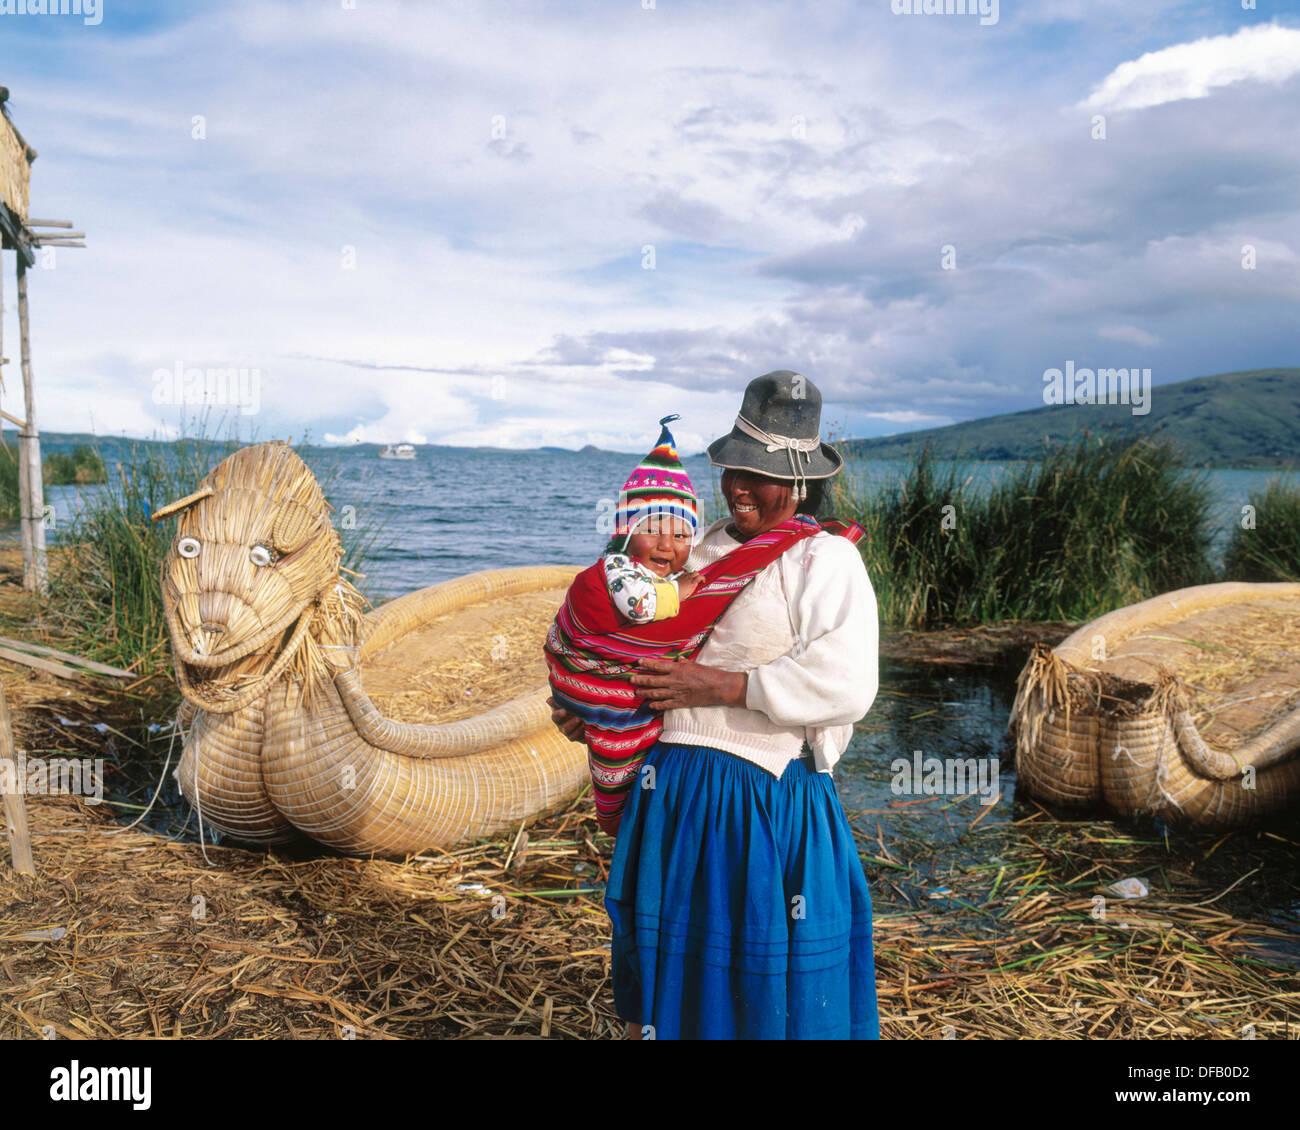 Uru indian la madre e il bambino e totora canne barca. Il lago Titicaca. Perù Immagini Stock